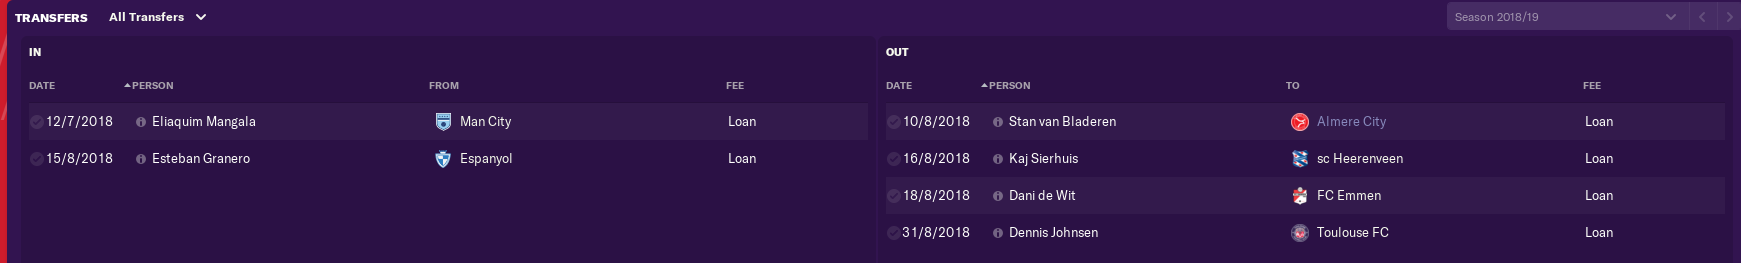 pre-season-transfers.png